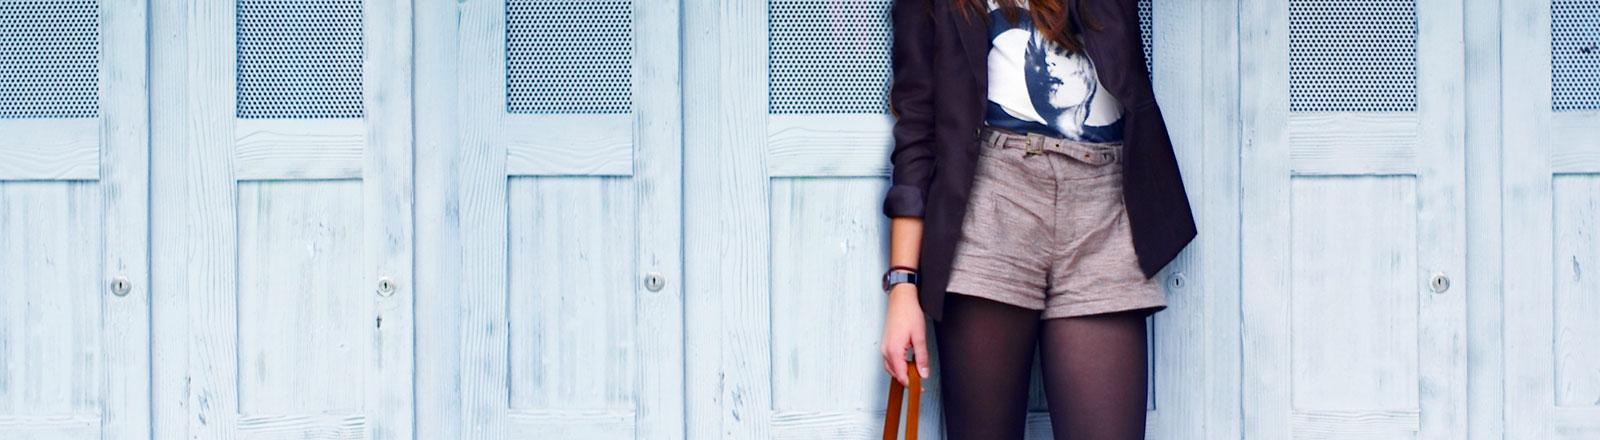 Eine junge Frau steht vor einer Wand aus Spindtüren.